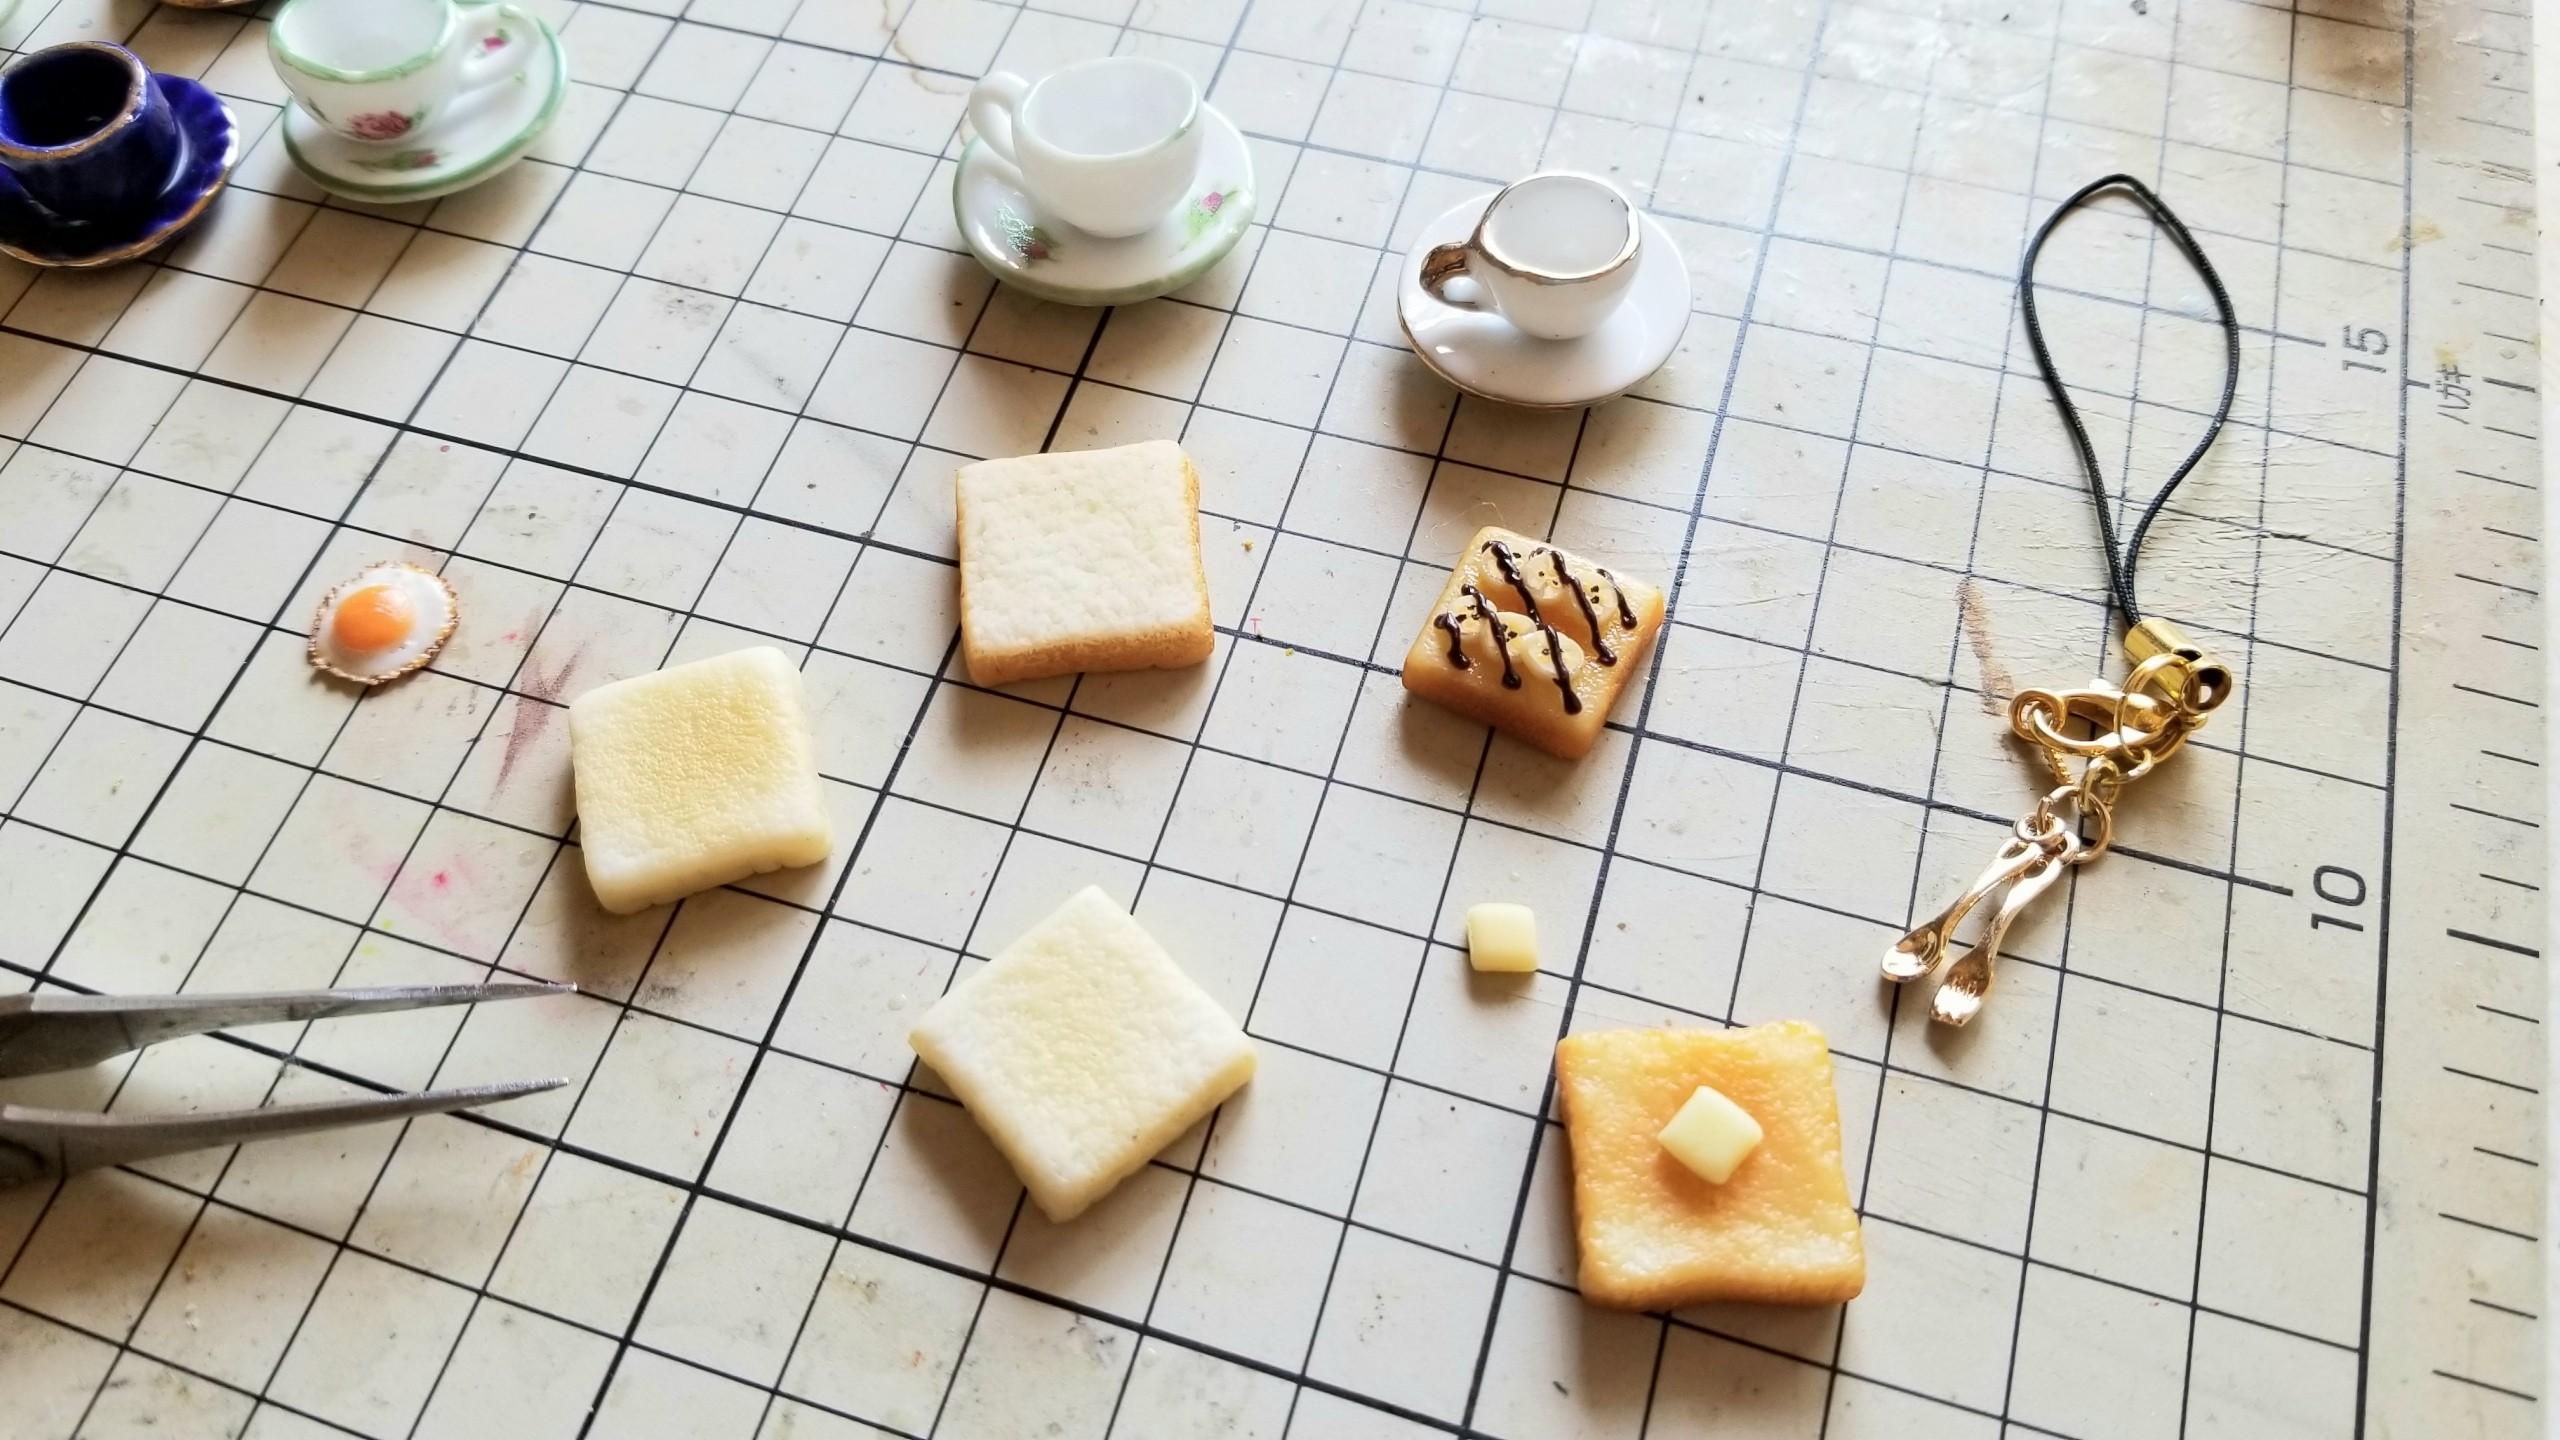 ミニチュアフード作り方かわいい小物自作アートハンドメイド手作り